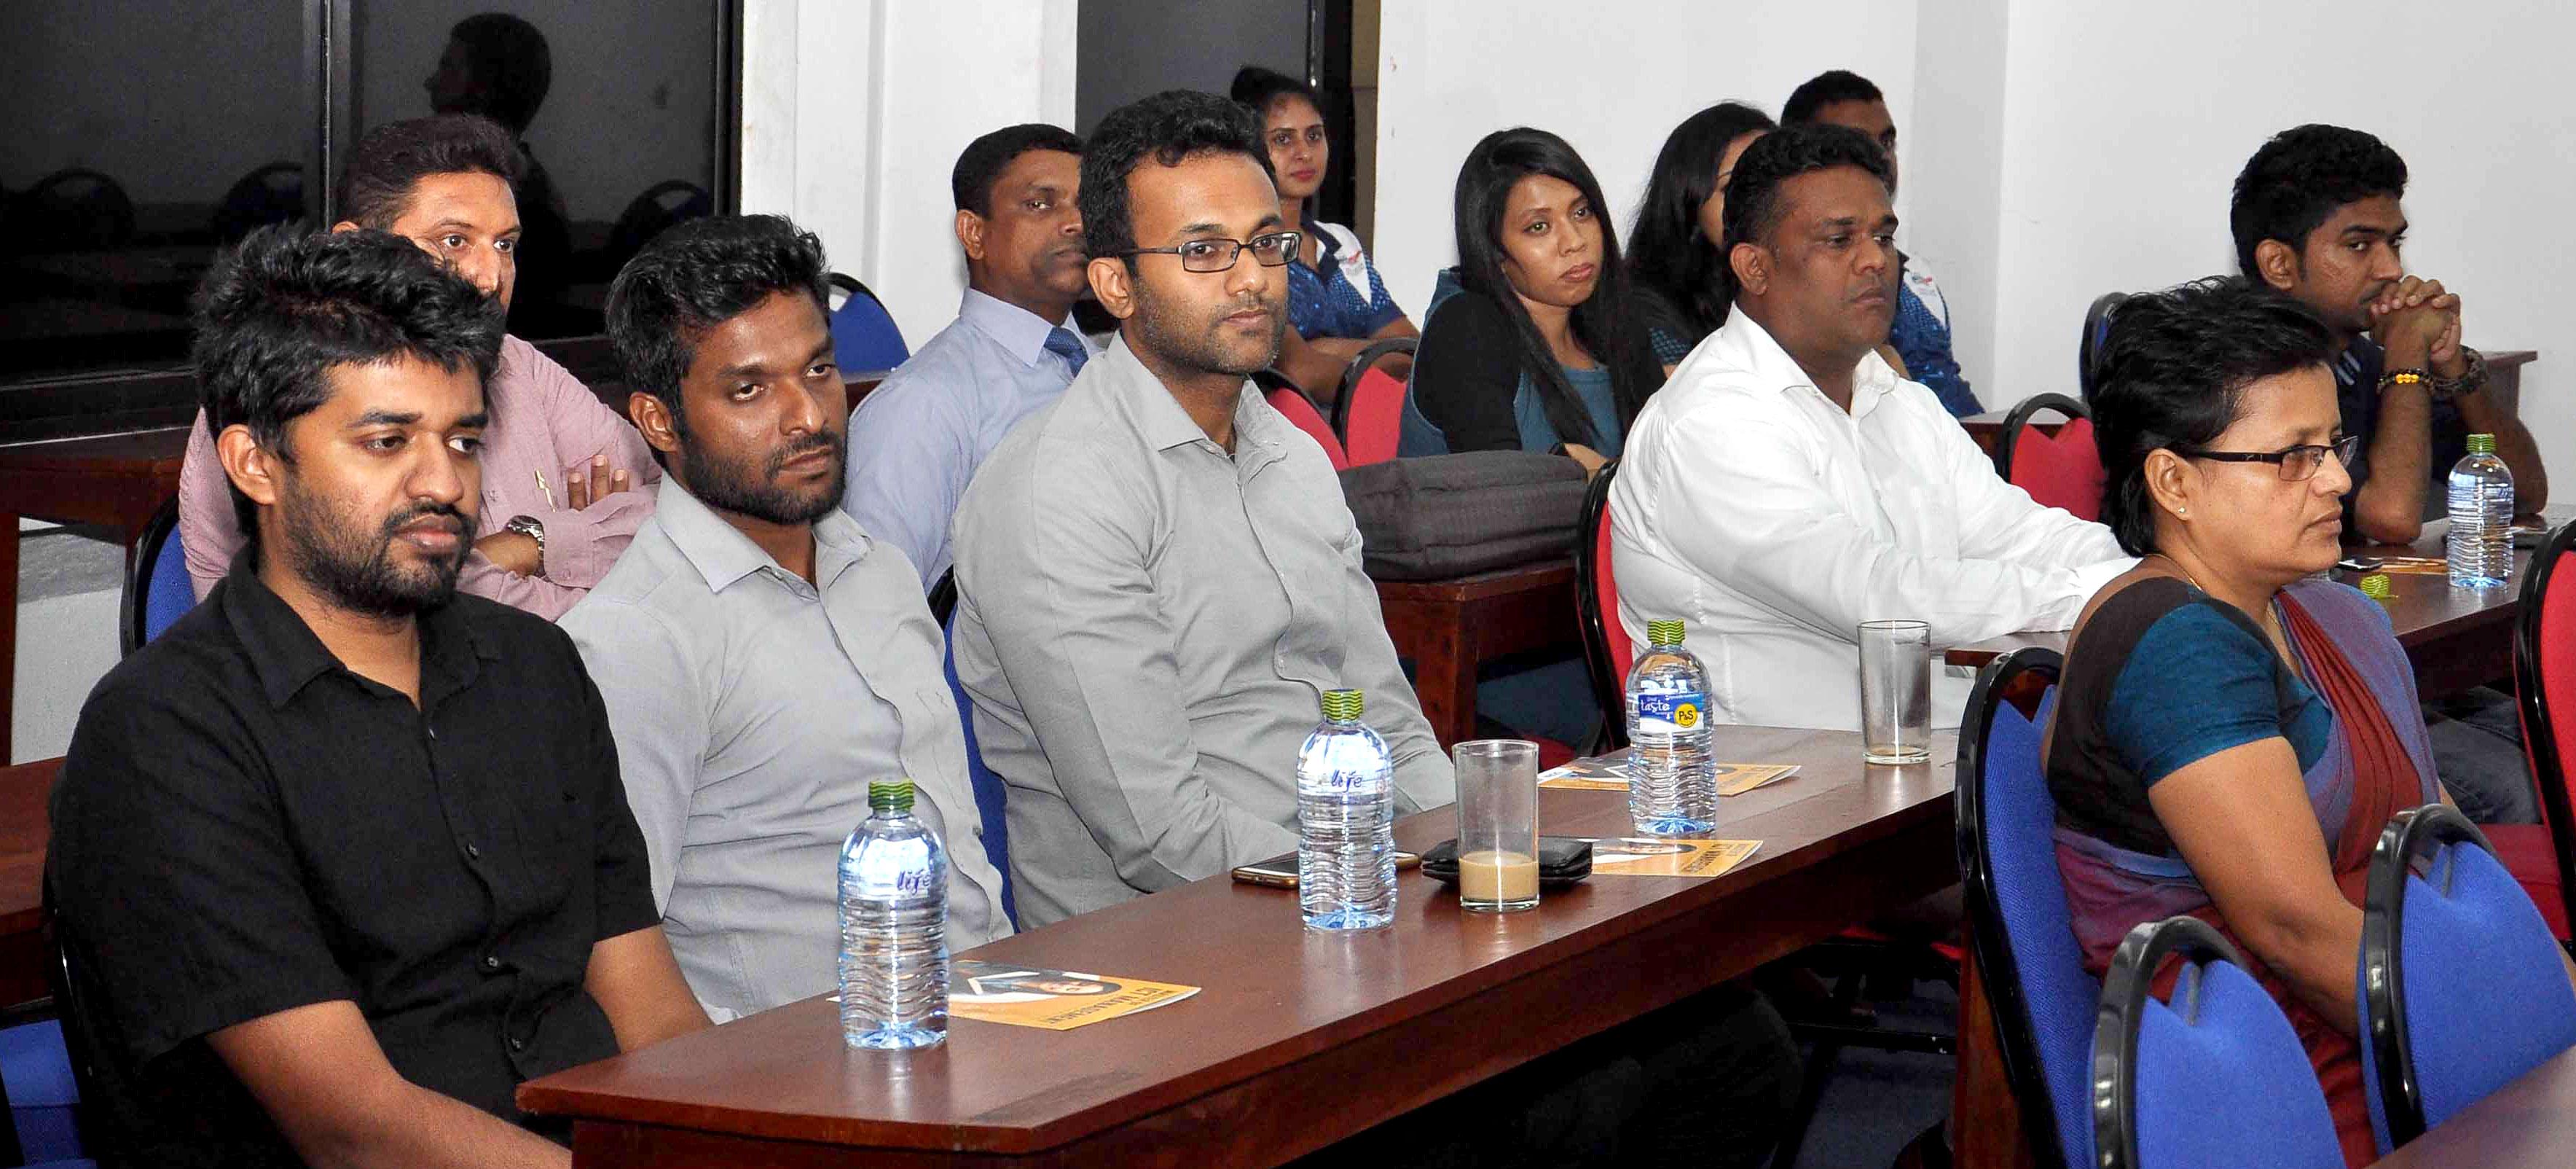 CICRA Campus launches Master of ICT Management